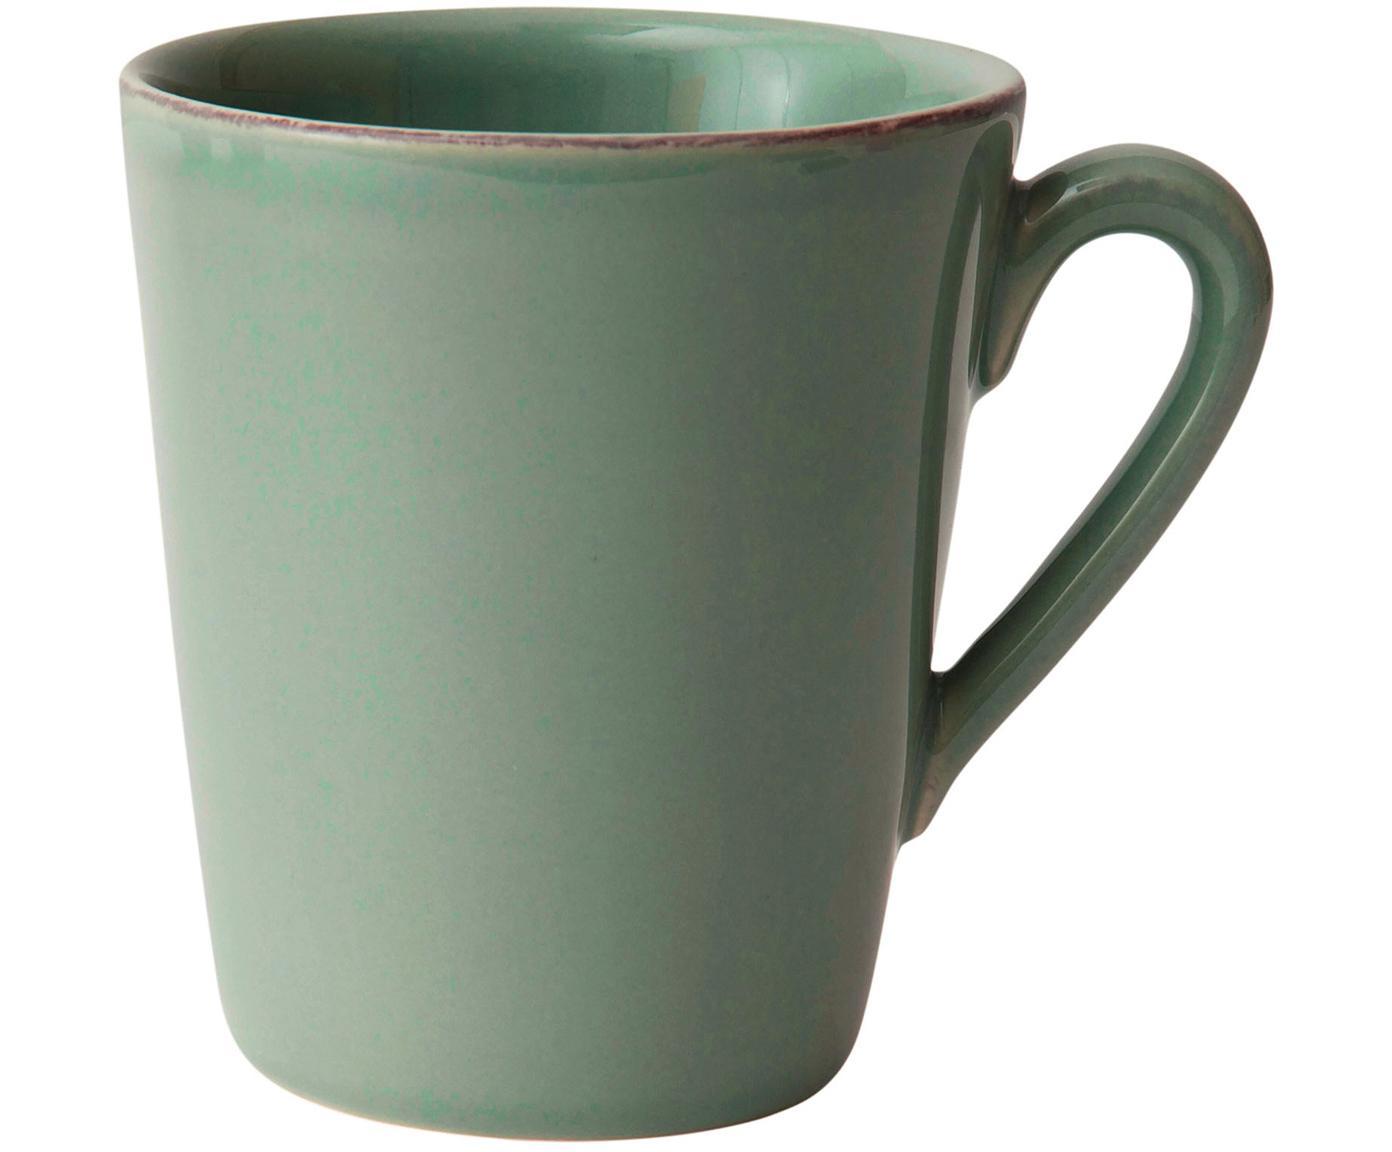 Tazas Constance, 2uds., Gres, Verde salvia, Ø 12 x Al 10 cm